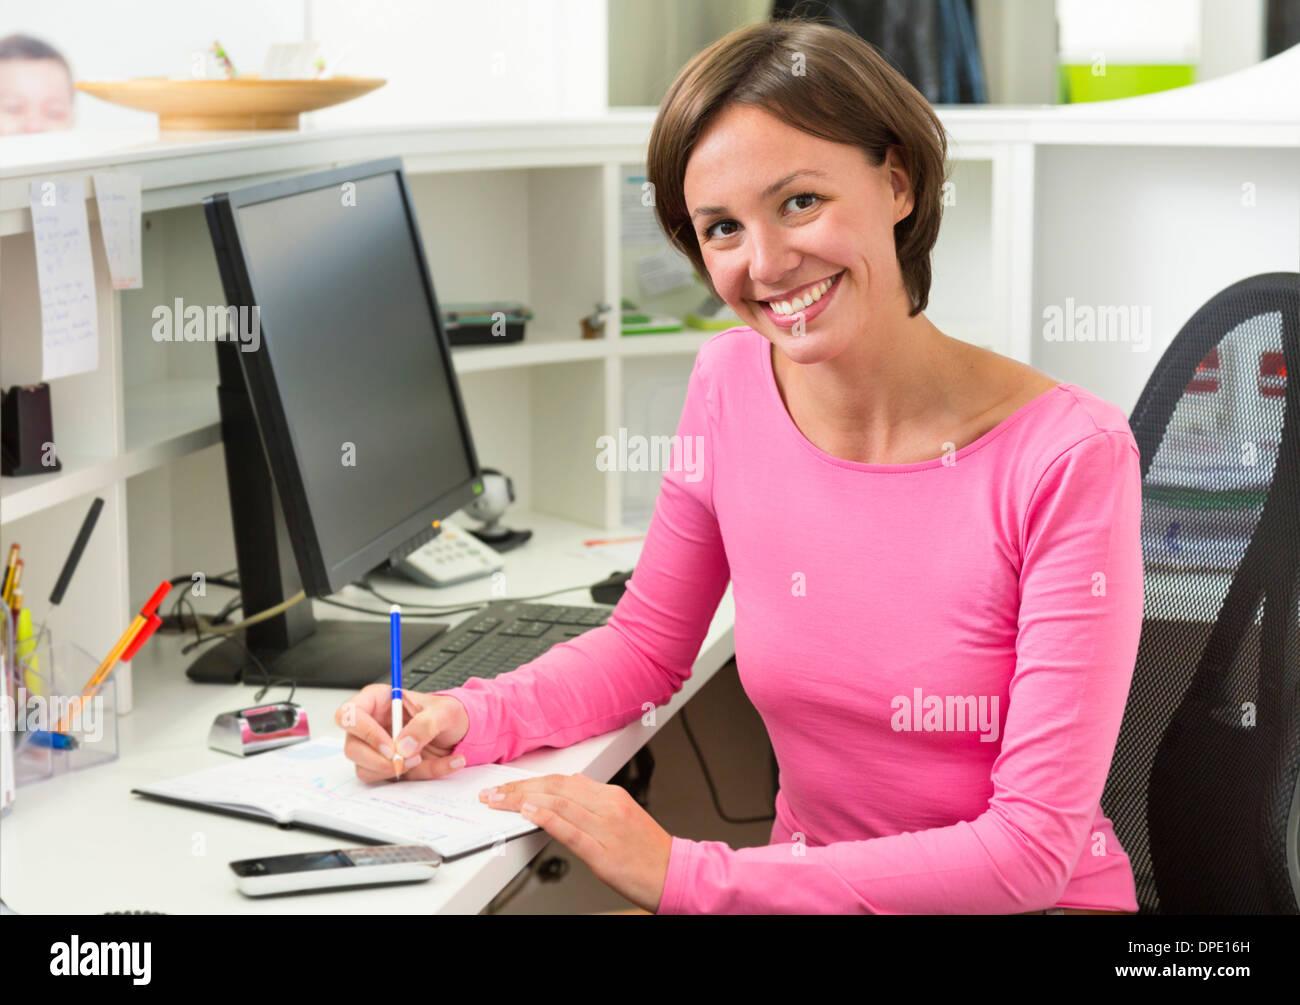 Empfangsdame schreiben am Schreibtisch Stockbild